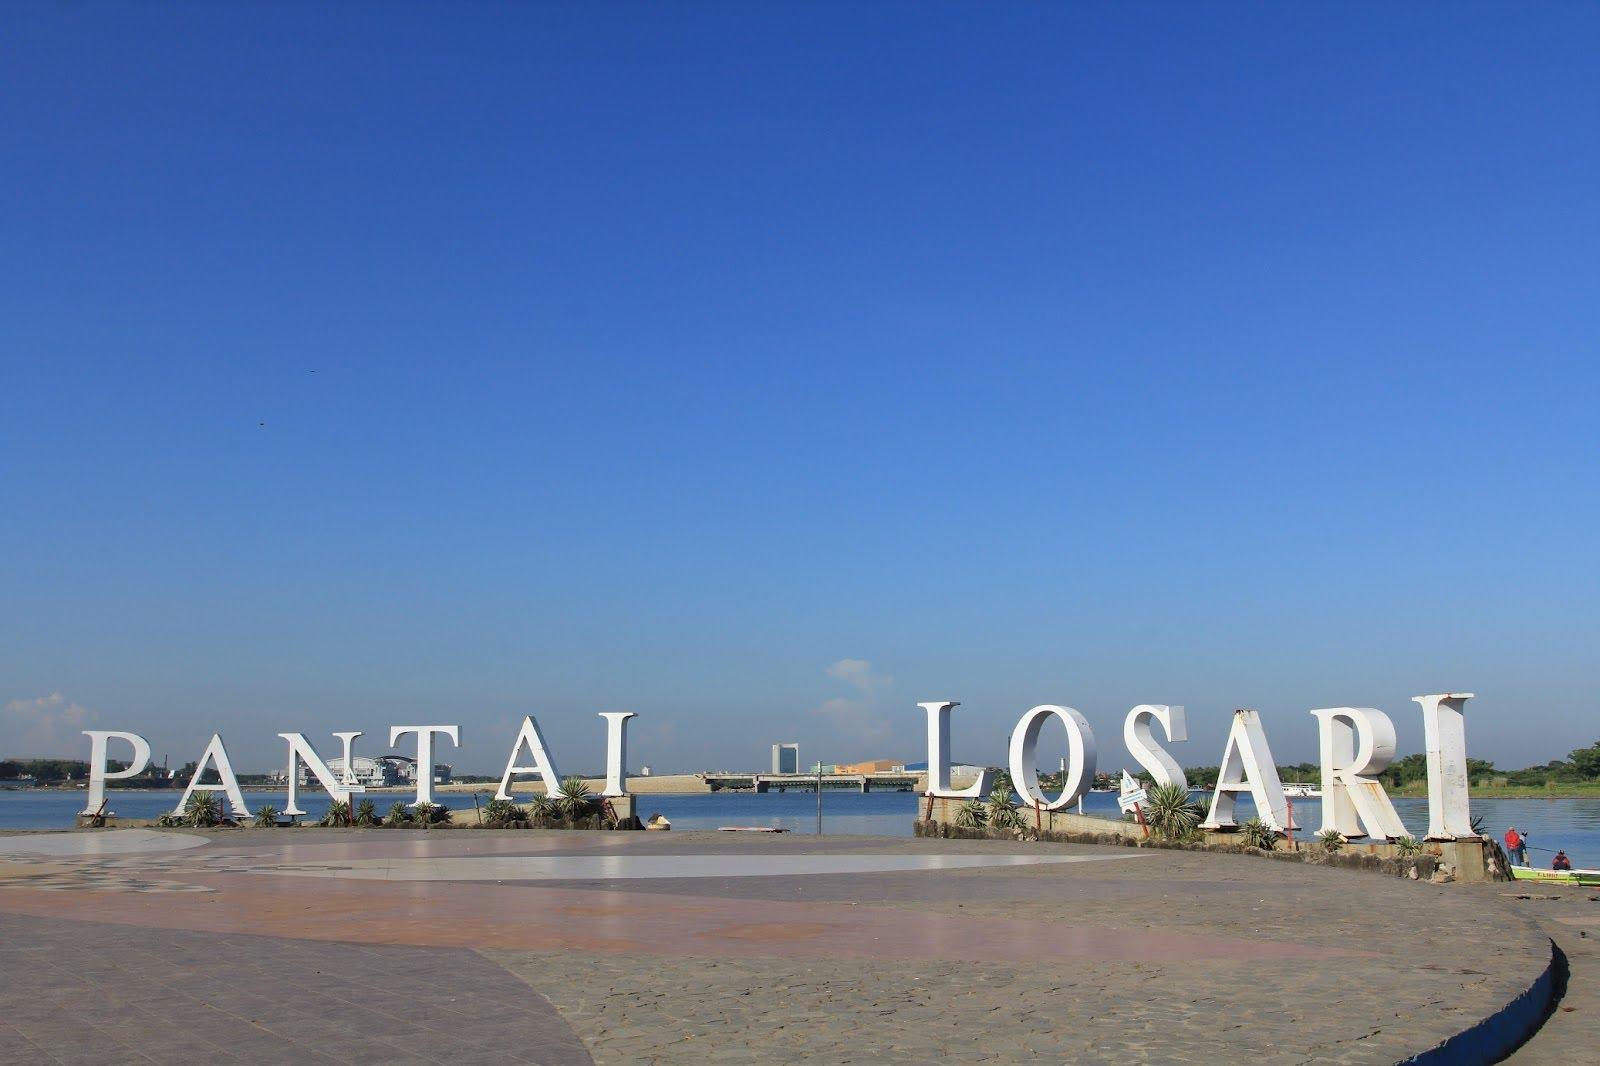 Pesona Indonesia Pantai Losari Makassar Sulawesi Selatan Ubarak Tempat Wisata